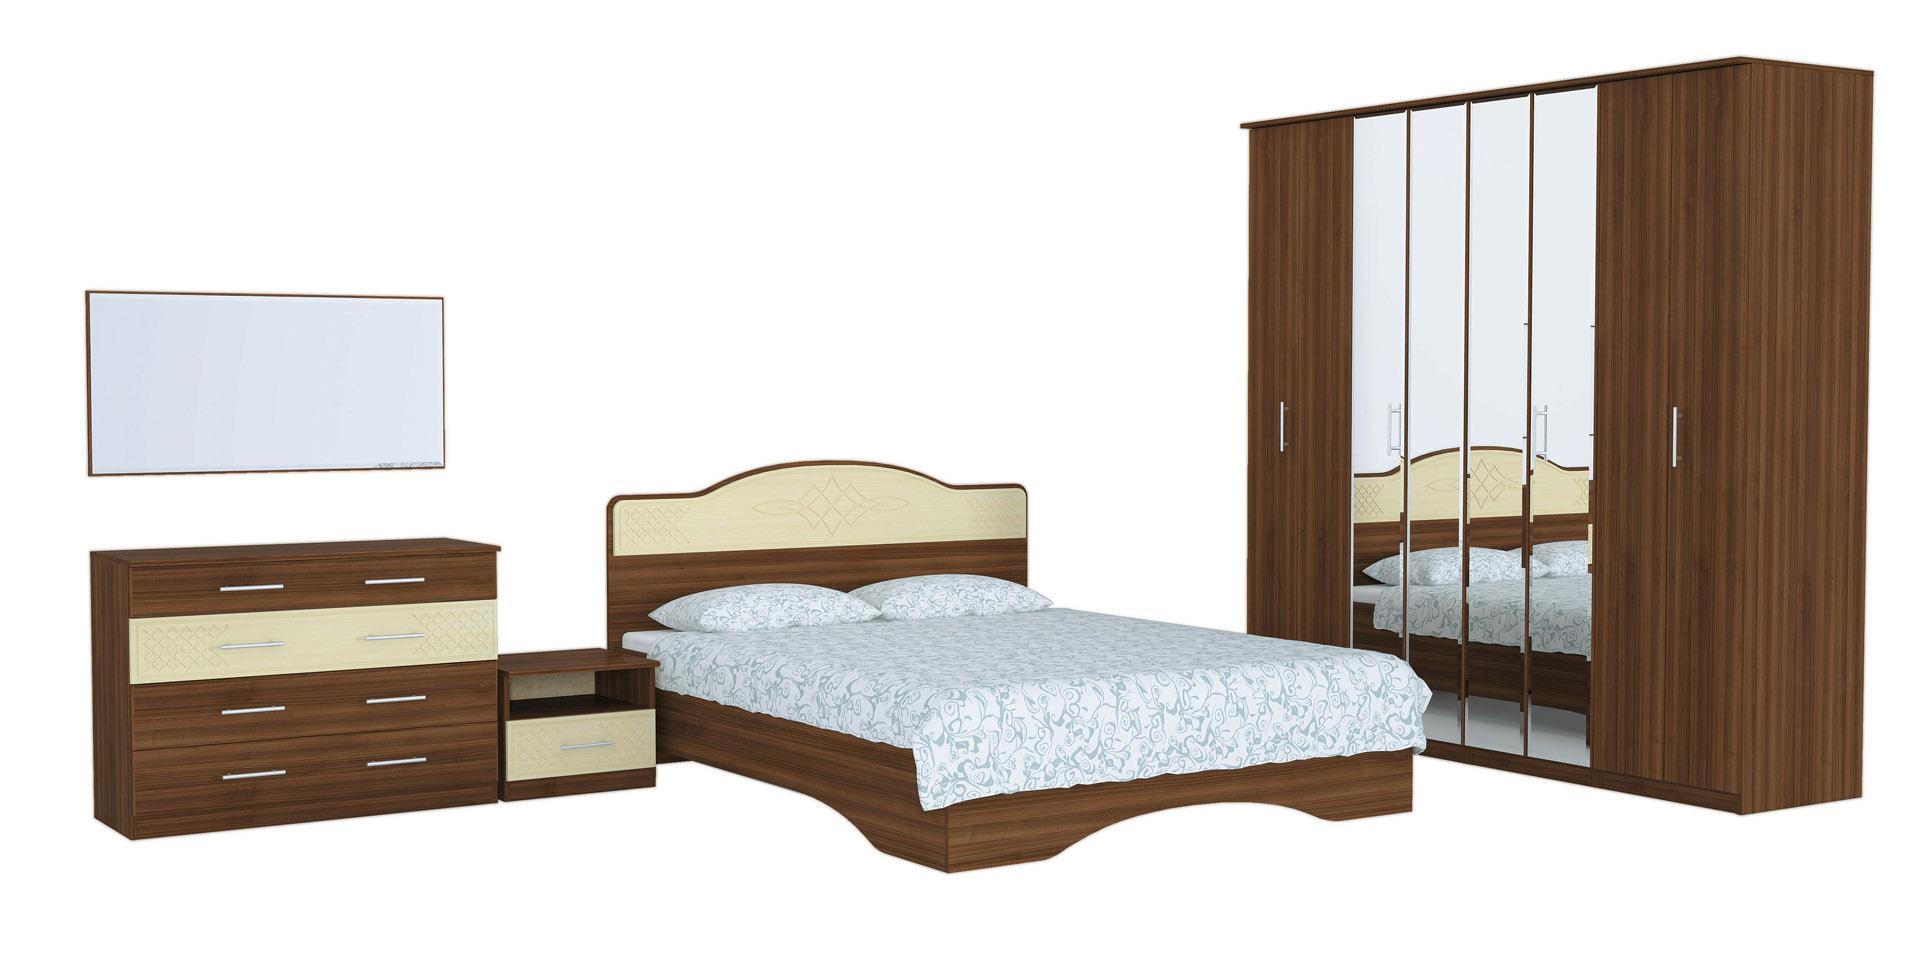 спальня виктория вариант 3 купить за 61679 руб в москве по цене